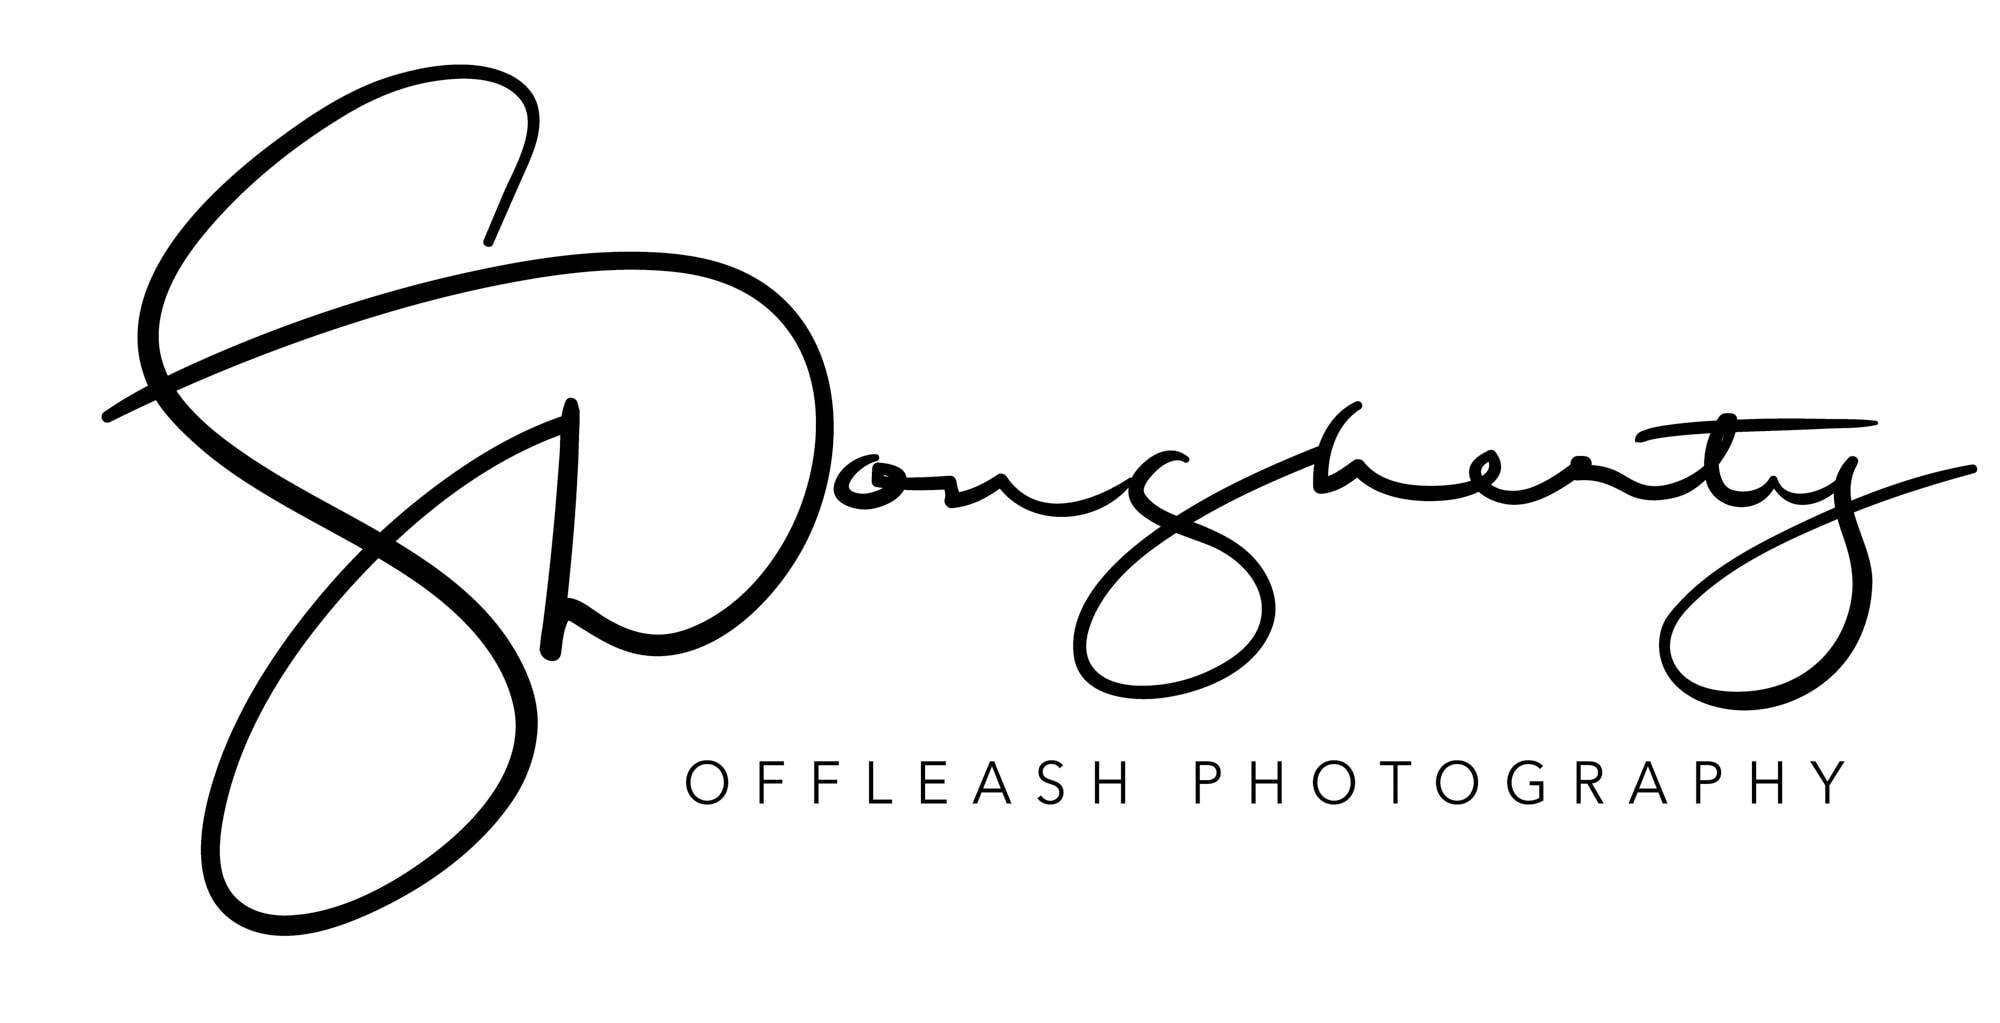 offleashphotography